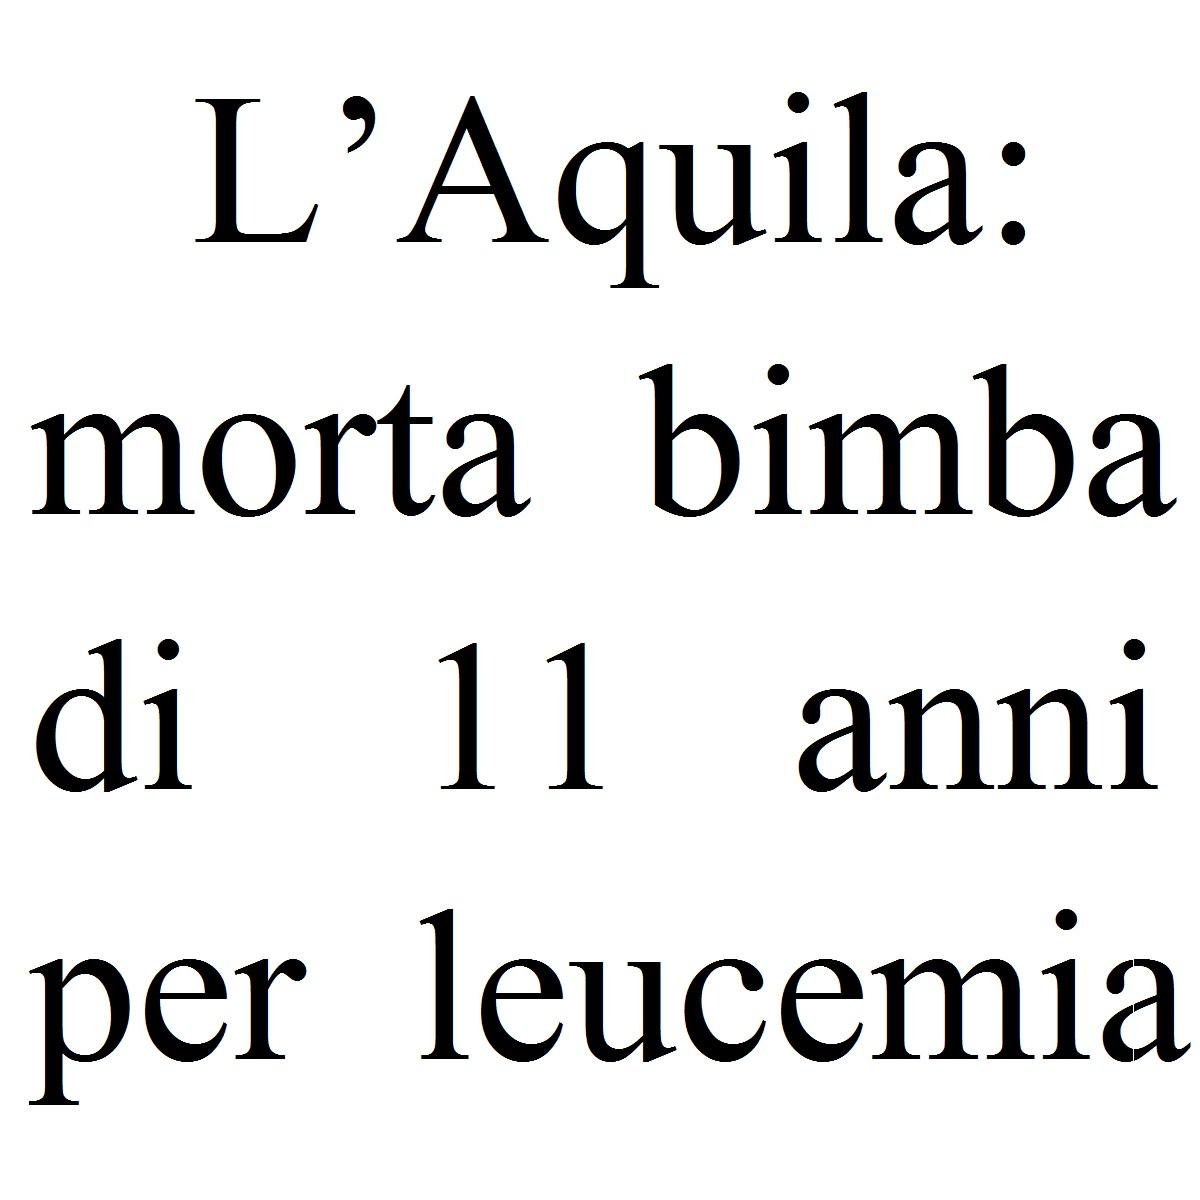 L'Aquila morta bimba di 11 anni per leucemia foto